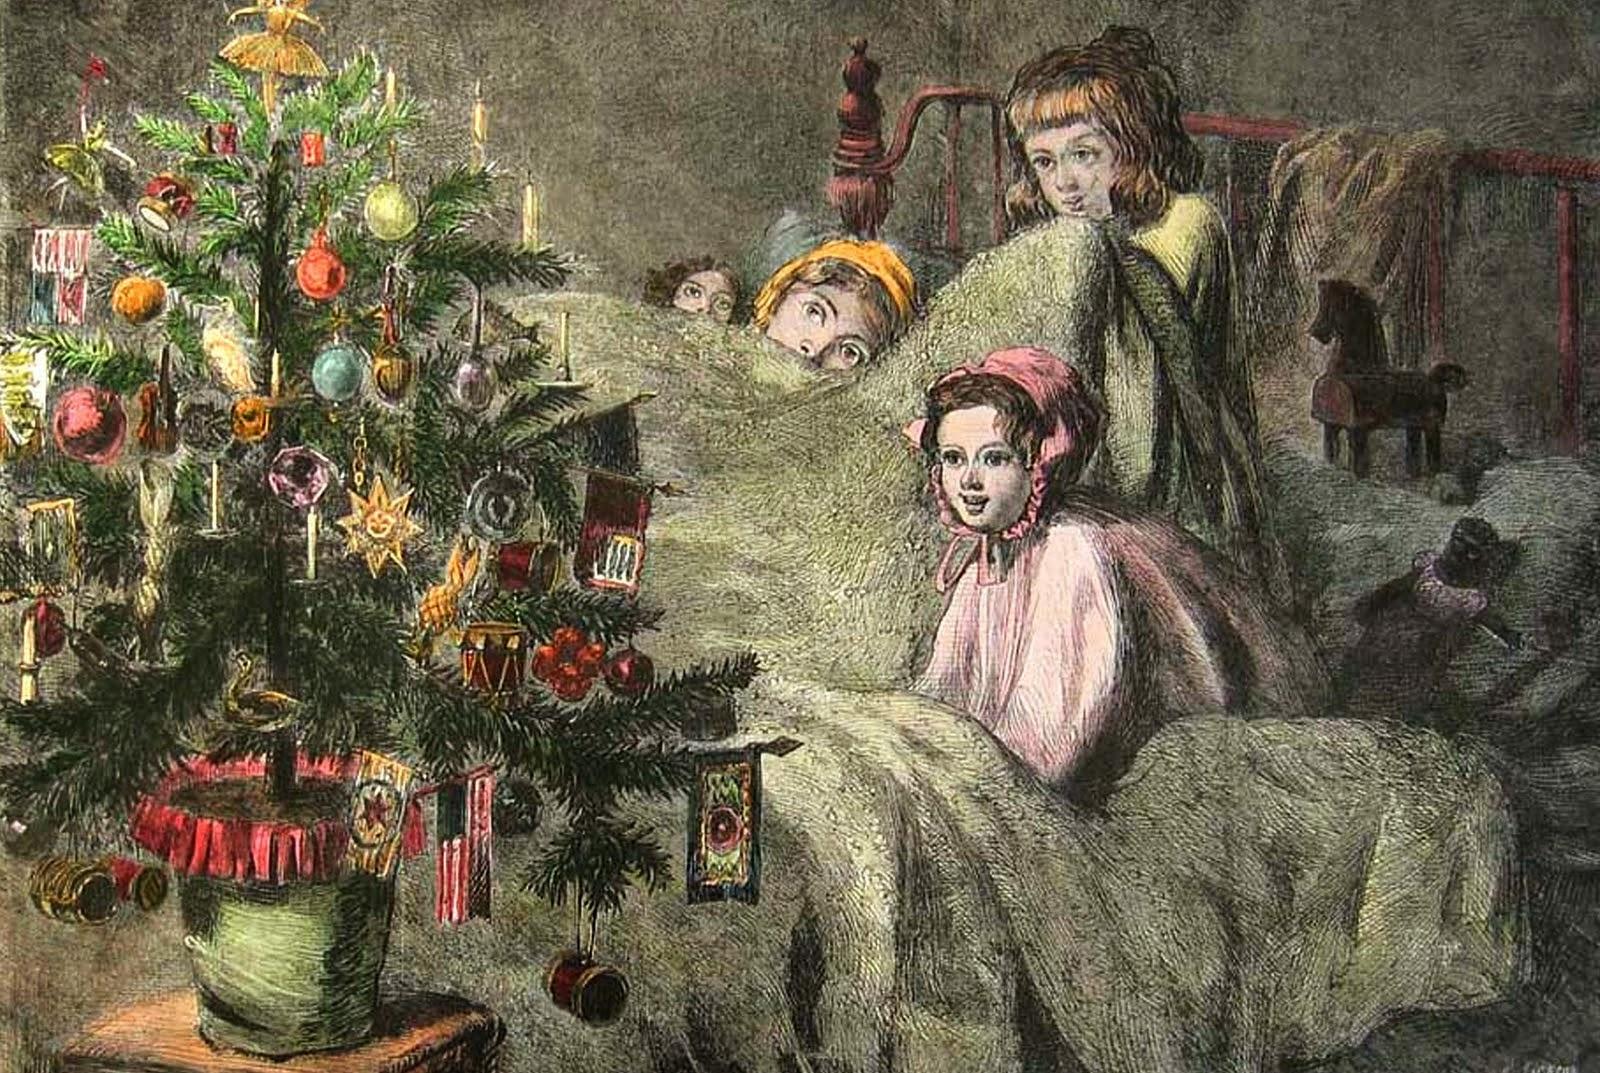 Immagini Vittoriane Natalizie.Il Mondo Di Sissi Il Natale Vittoriano Tra Usi Costumi E